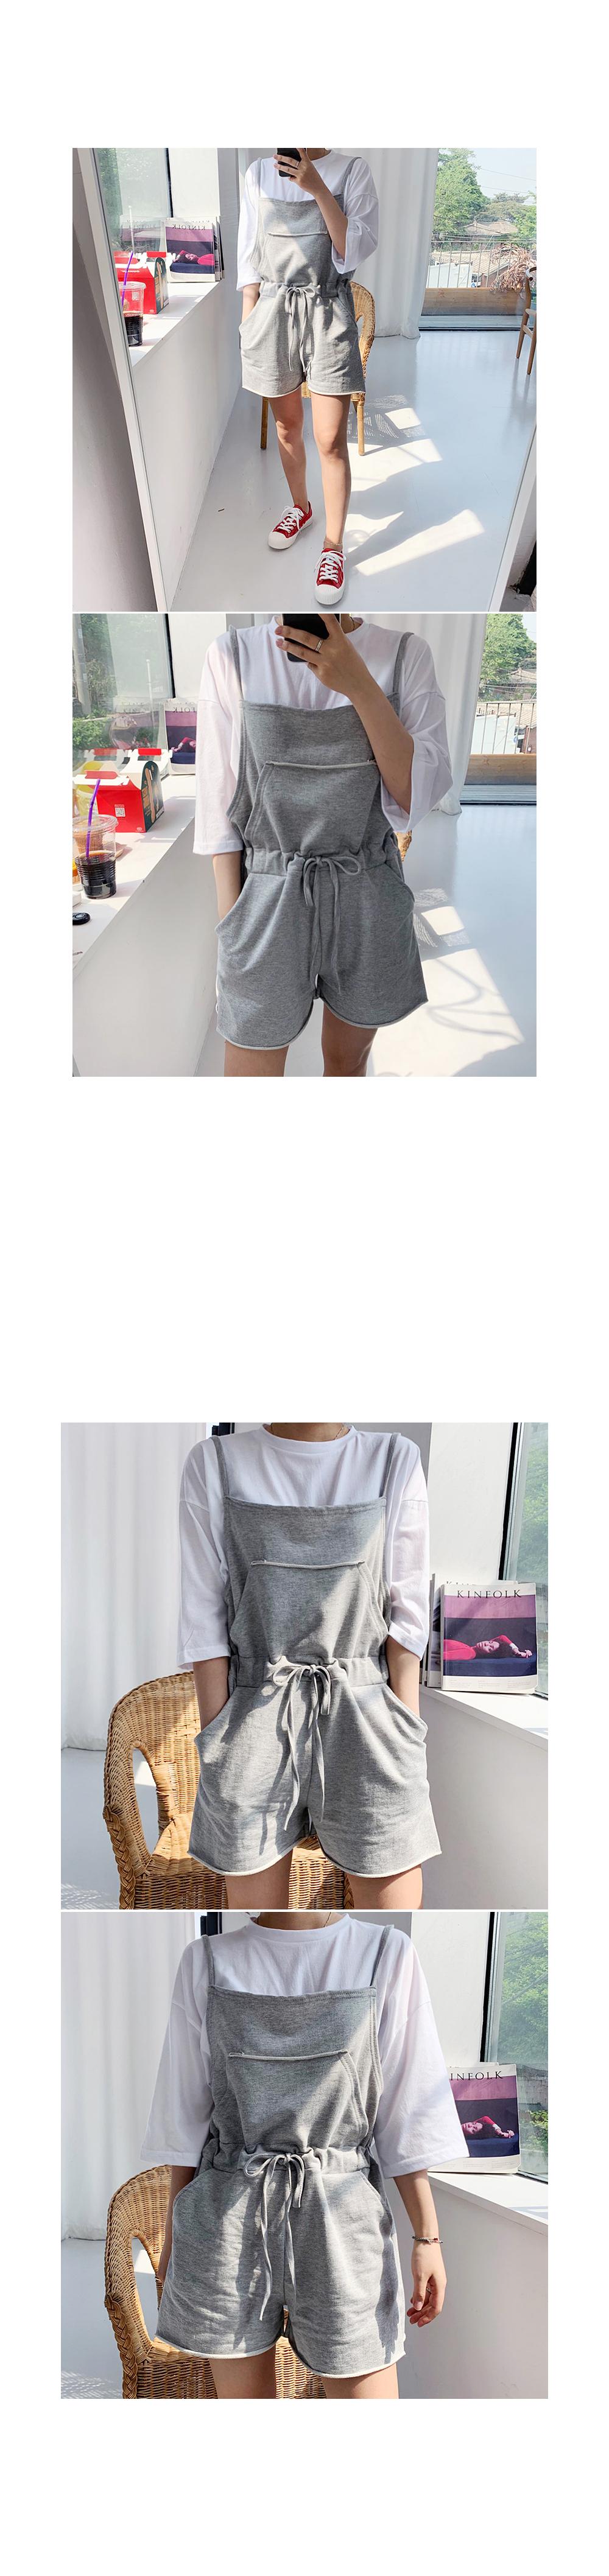 Cotton suspenders